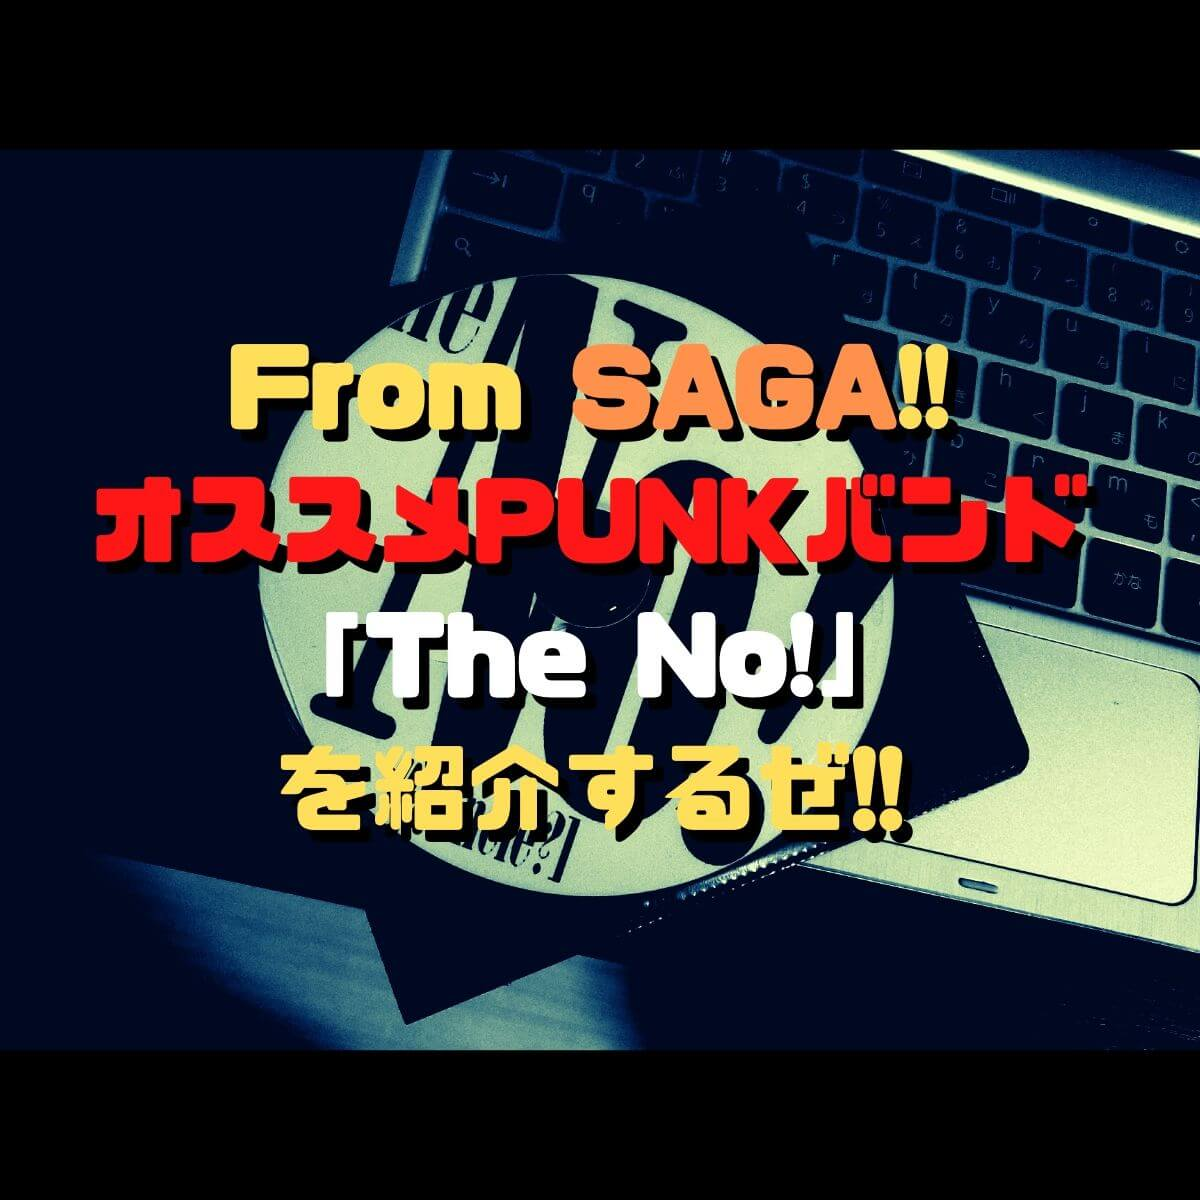 From SAGA!!オススメPUNKバンド「The No!」を紹介するぜ!!